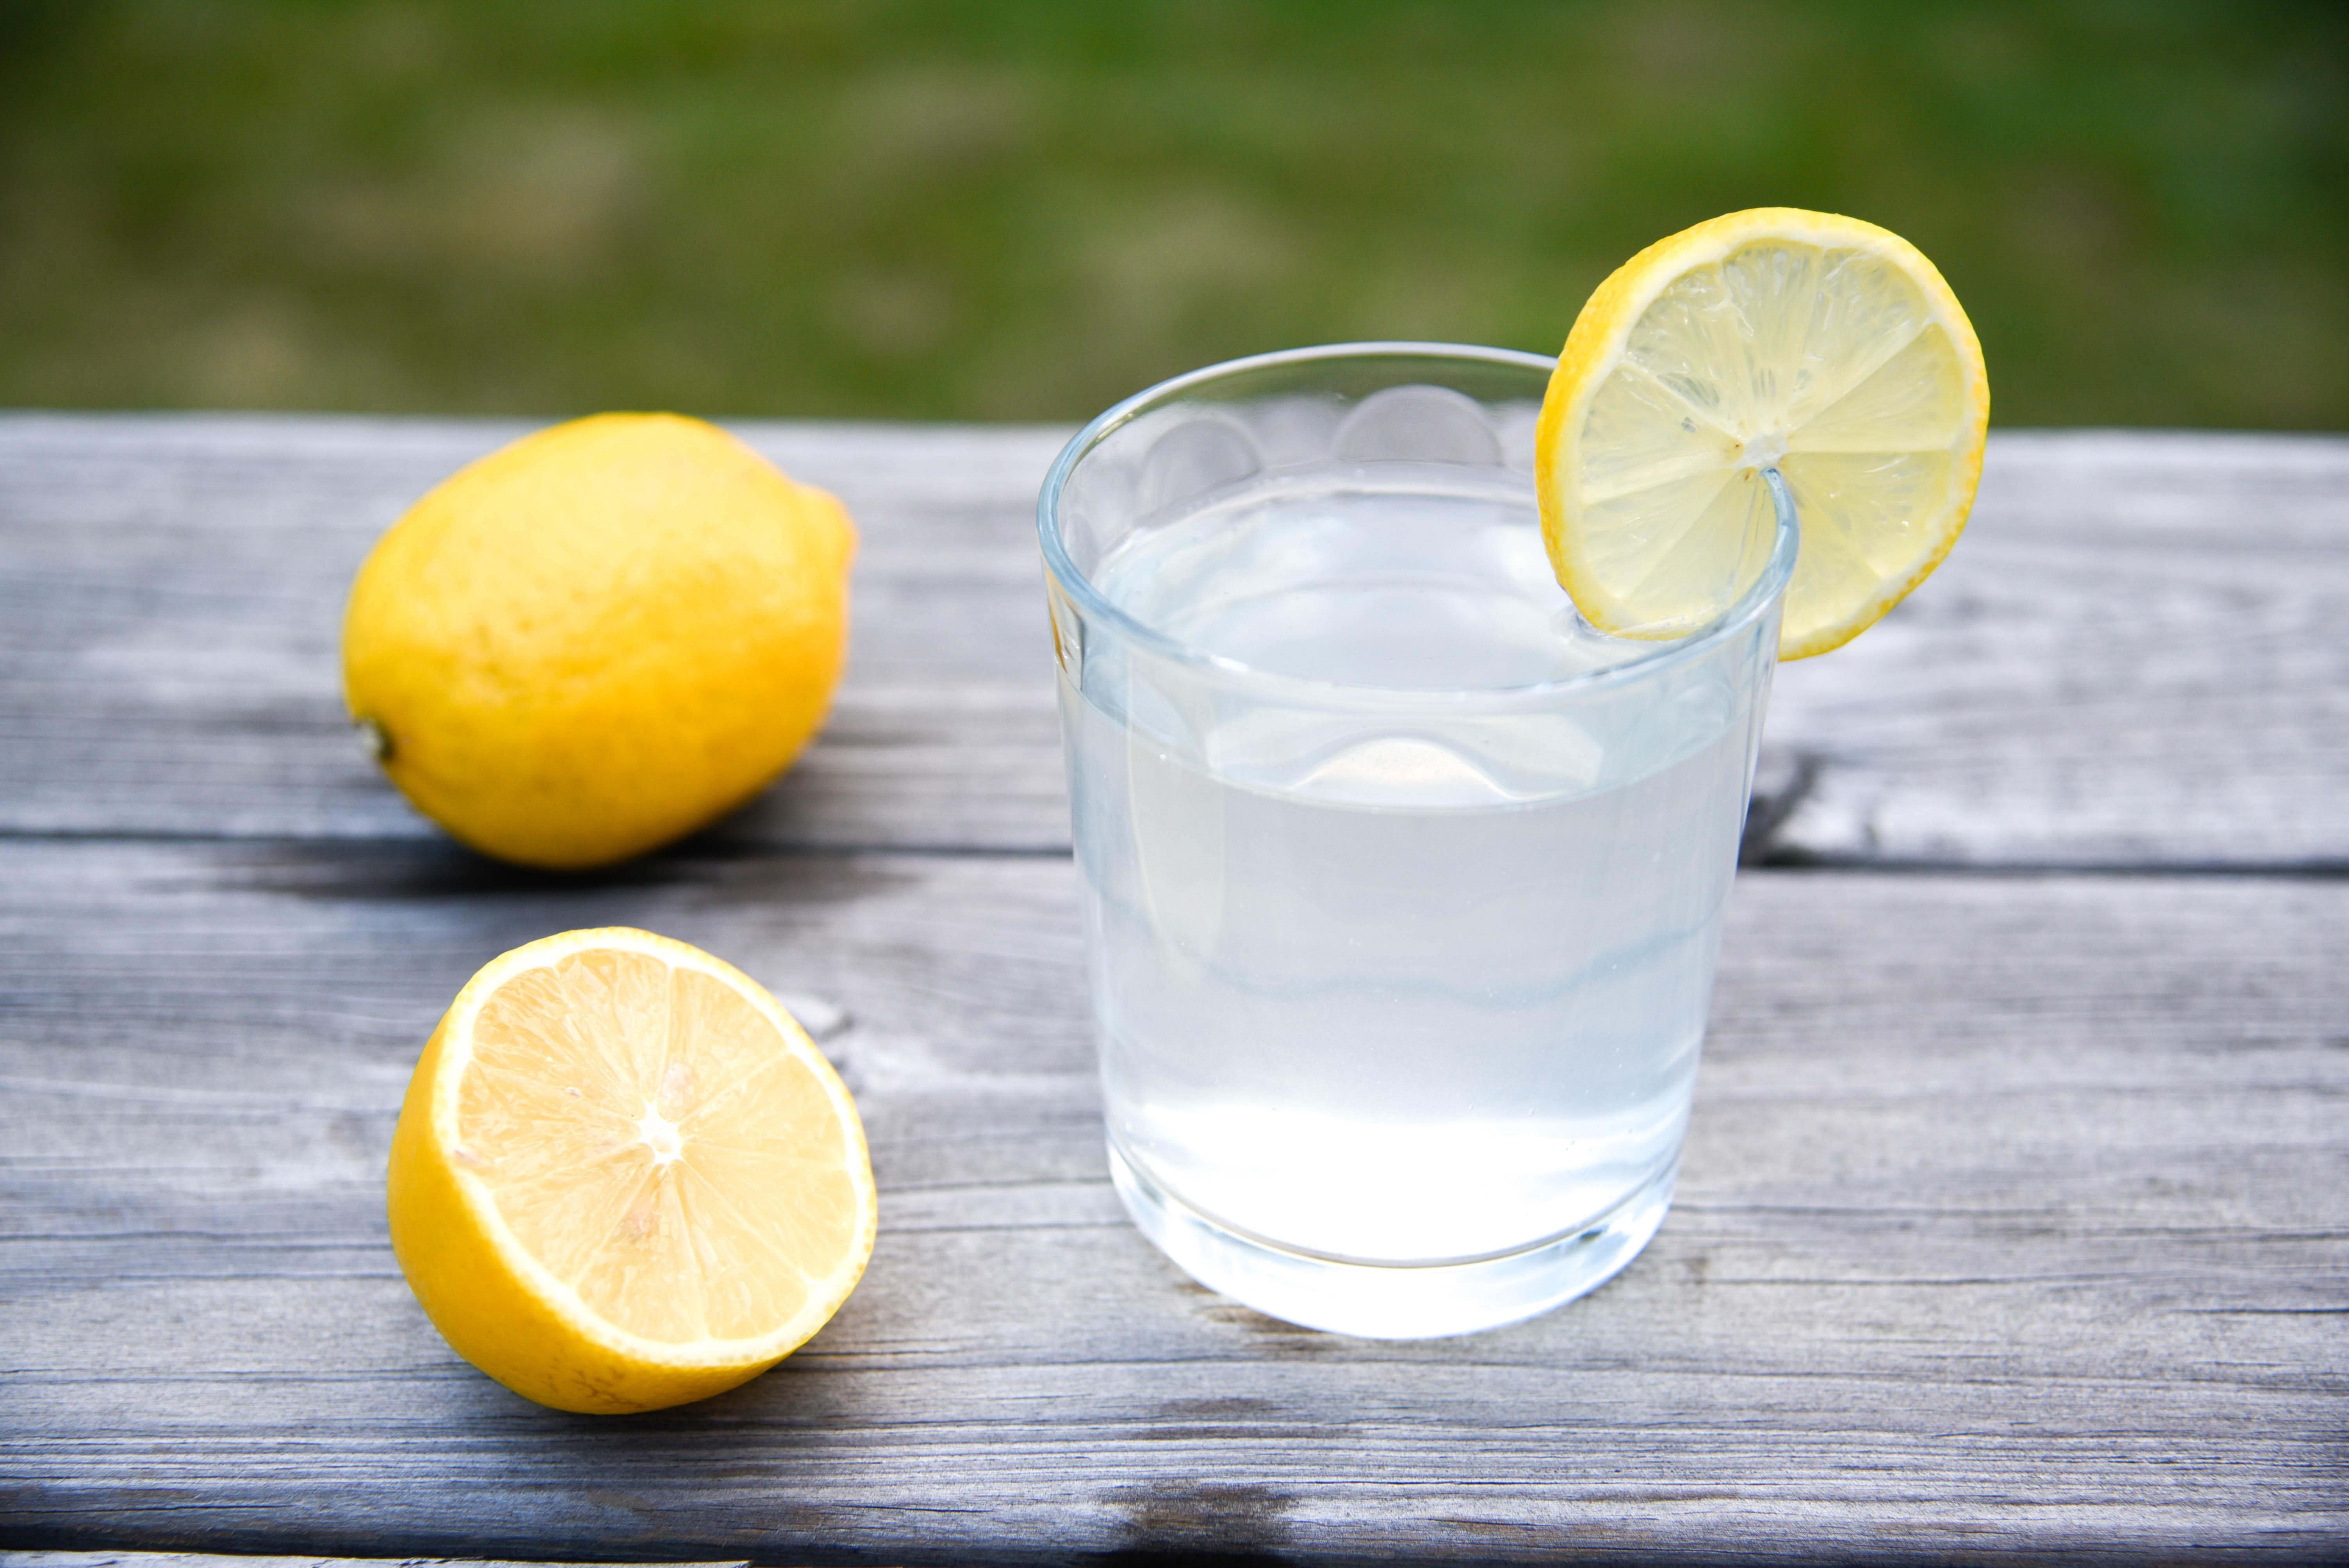 2nd pic of glass with lemon slice and lemons.